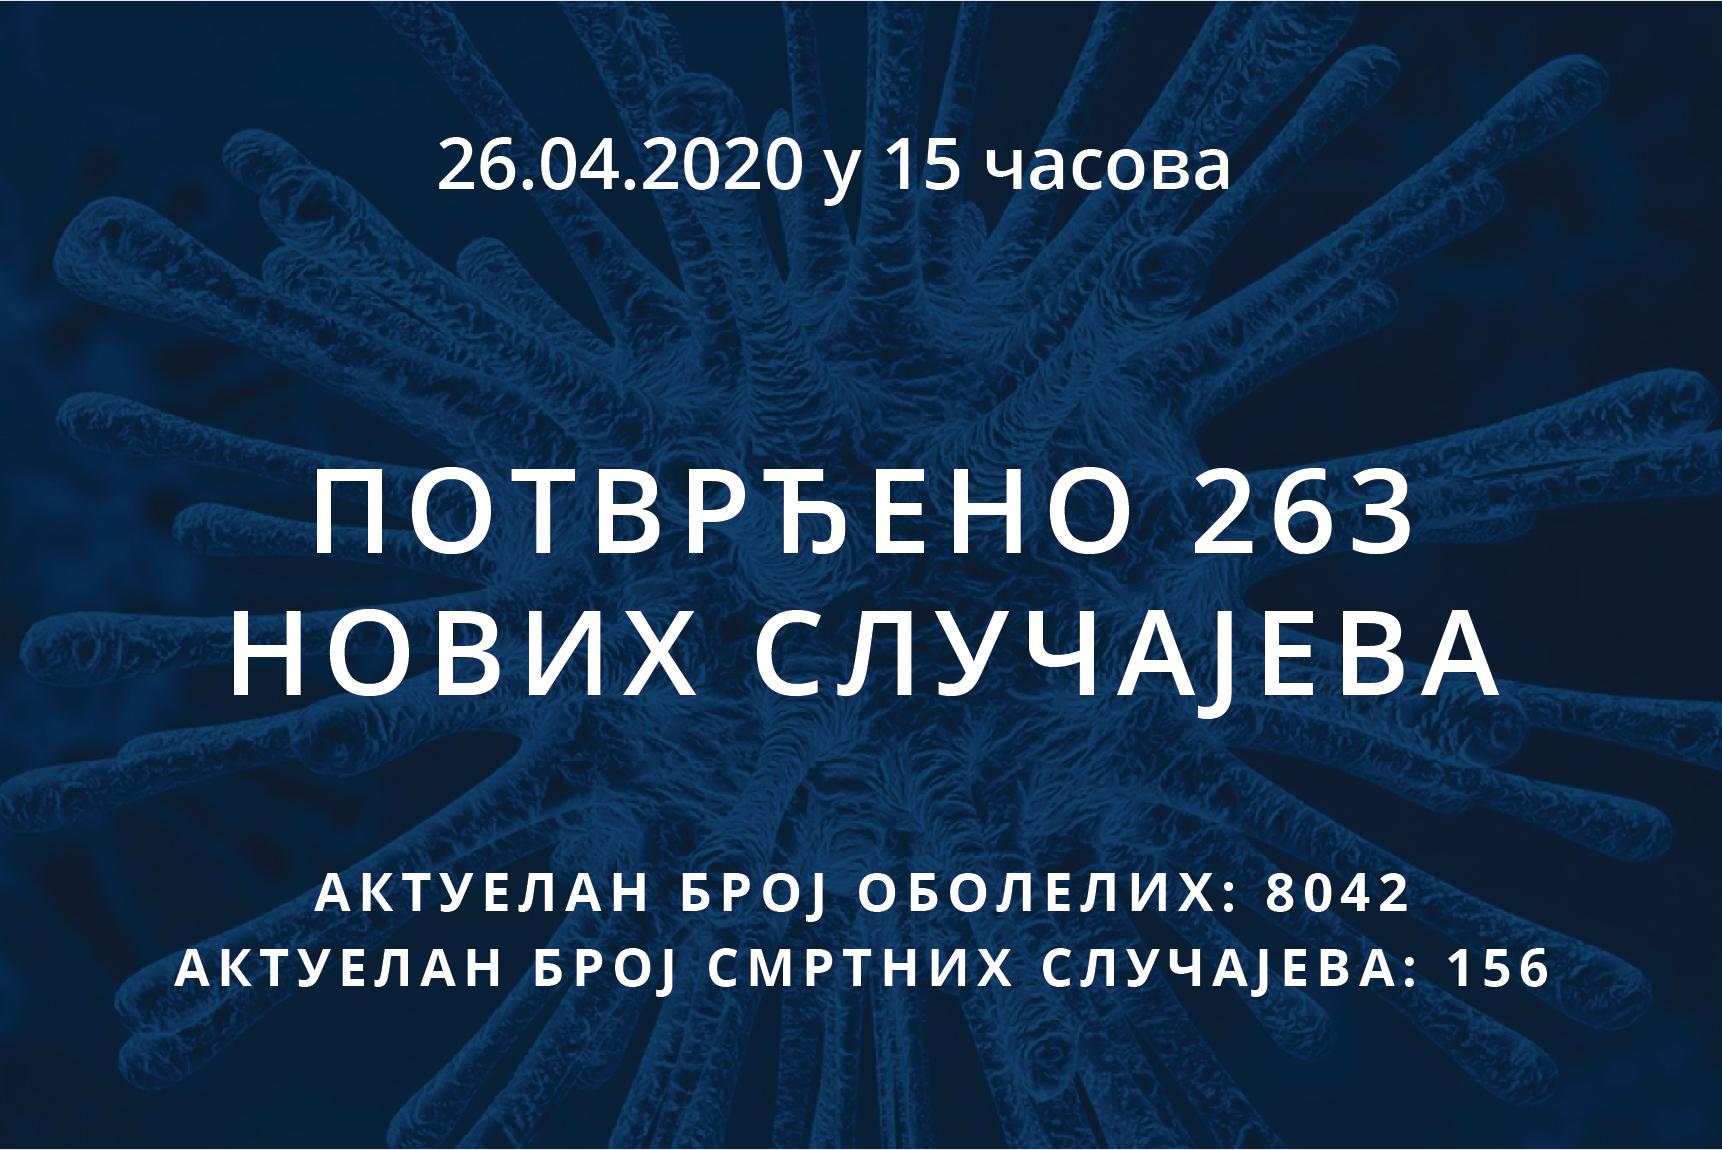 Информације о корона вирусу COVID-19, 26.04.2020 у 15 часова